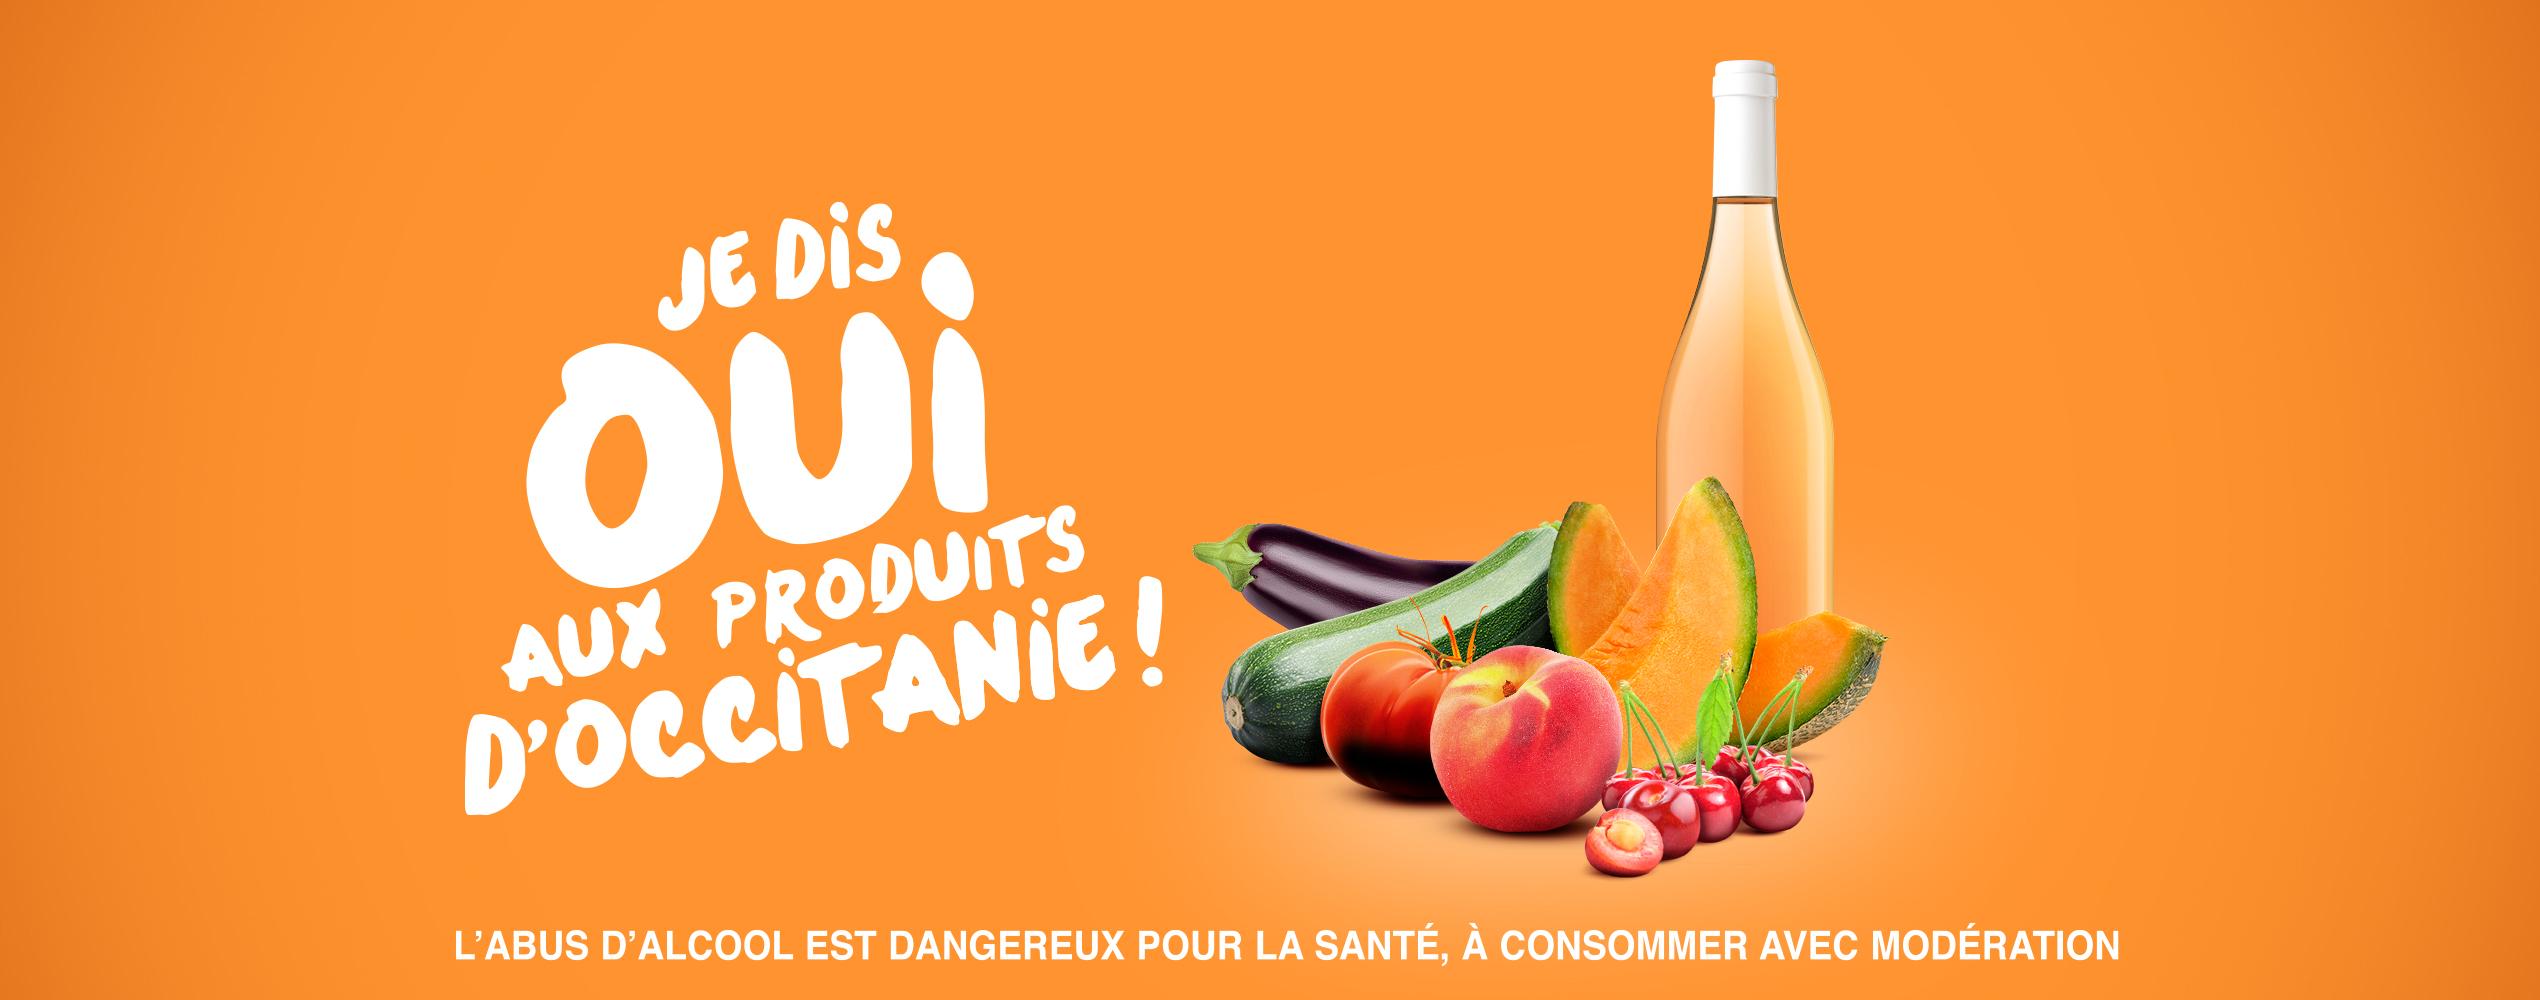 Je dis OUI aux produits d'Occitanie !